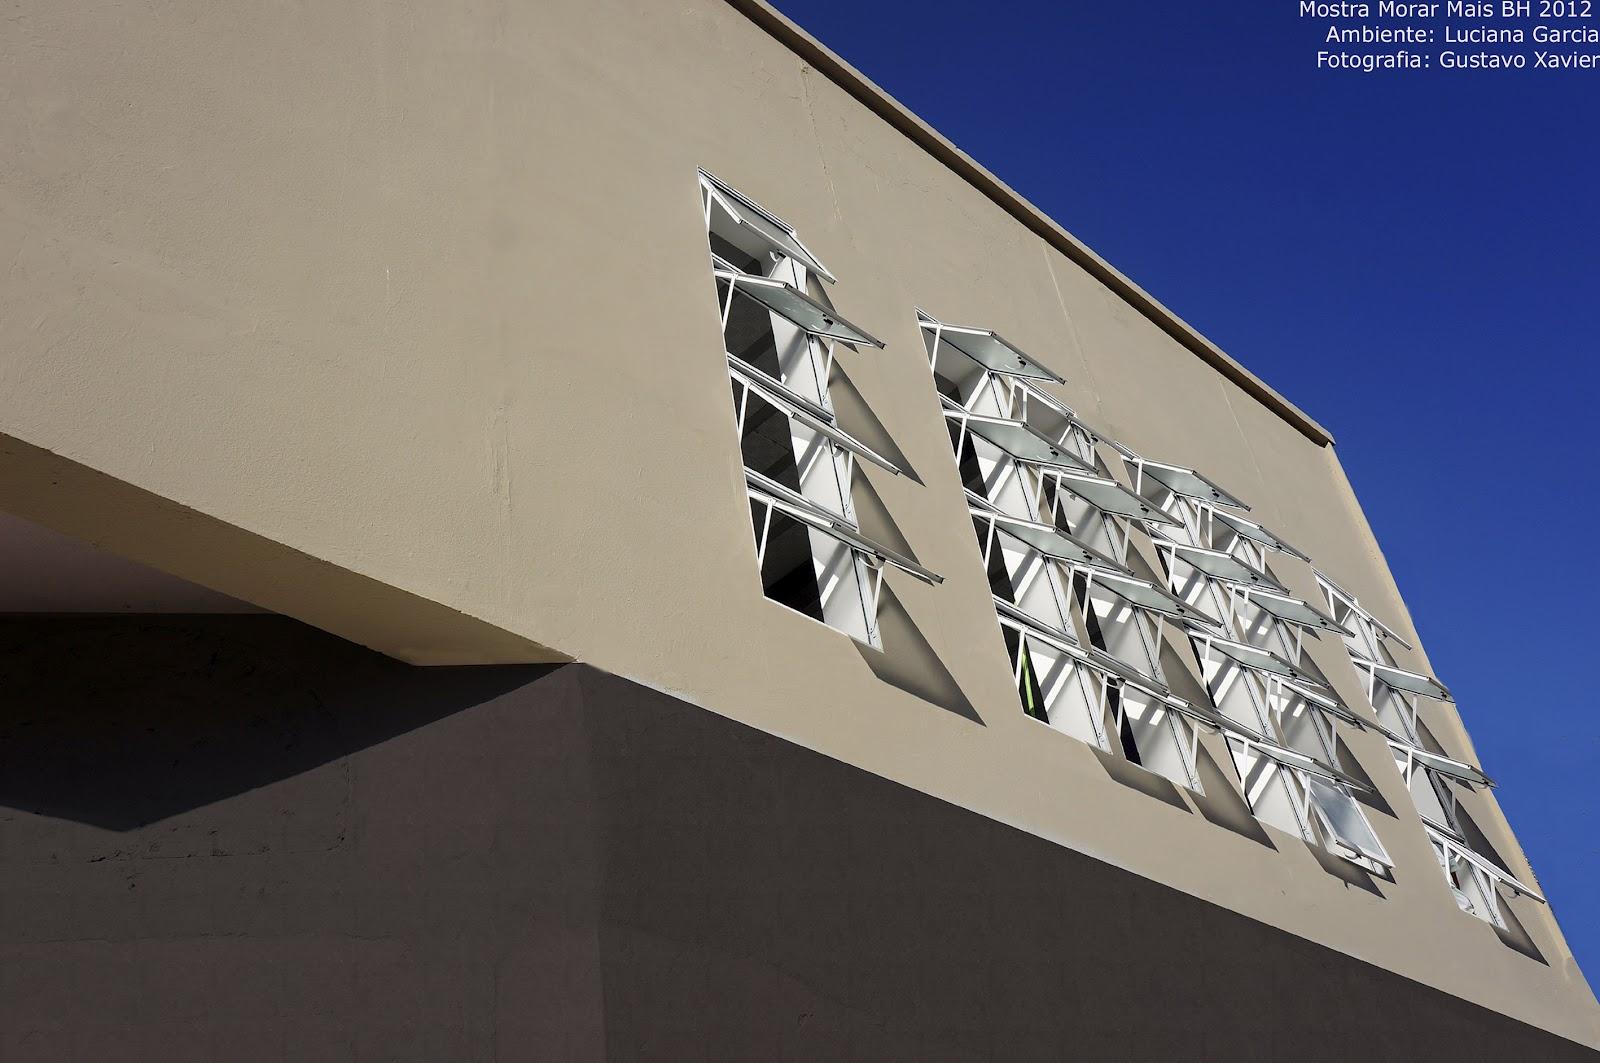 #213682 PROGRAMA FORMA Arquitetura com Fabinho Said: Produtos da Sasazaki  844 Manutenção Em Janelas De Aluminio Belo Horizonte